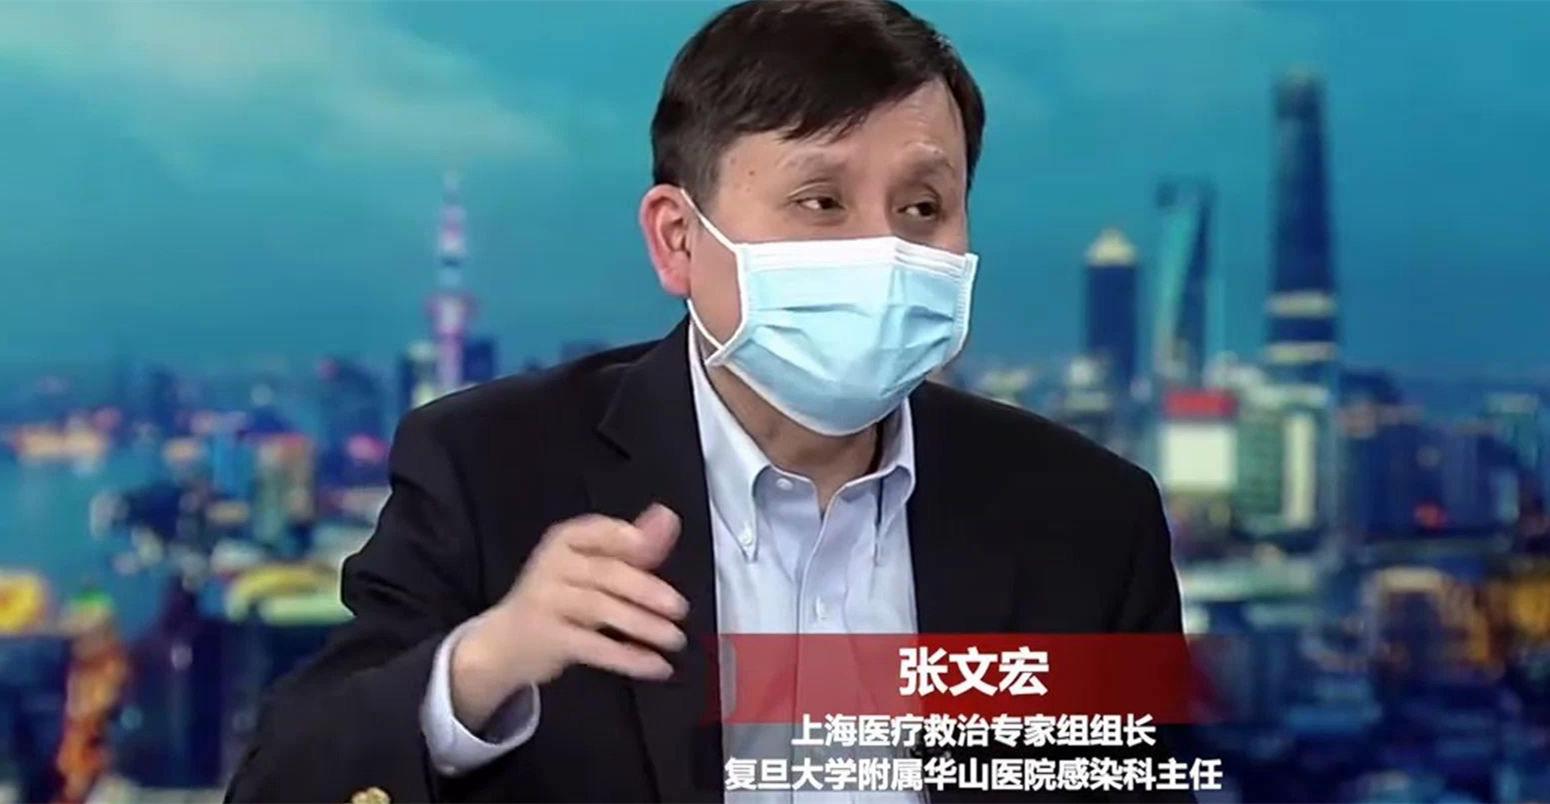 張文宏最新發聲!上海人,現在開始到年底前,一刻不能放松!